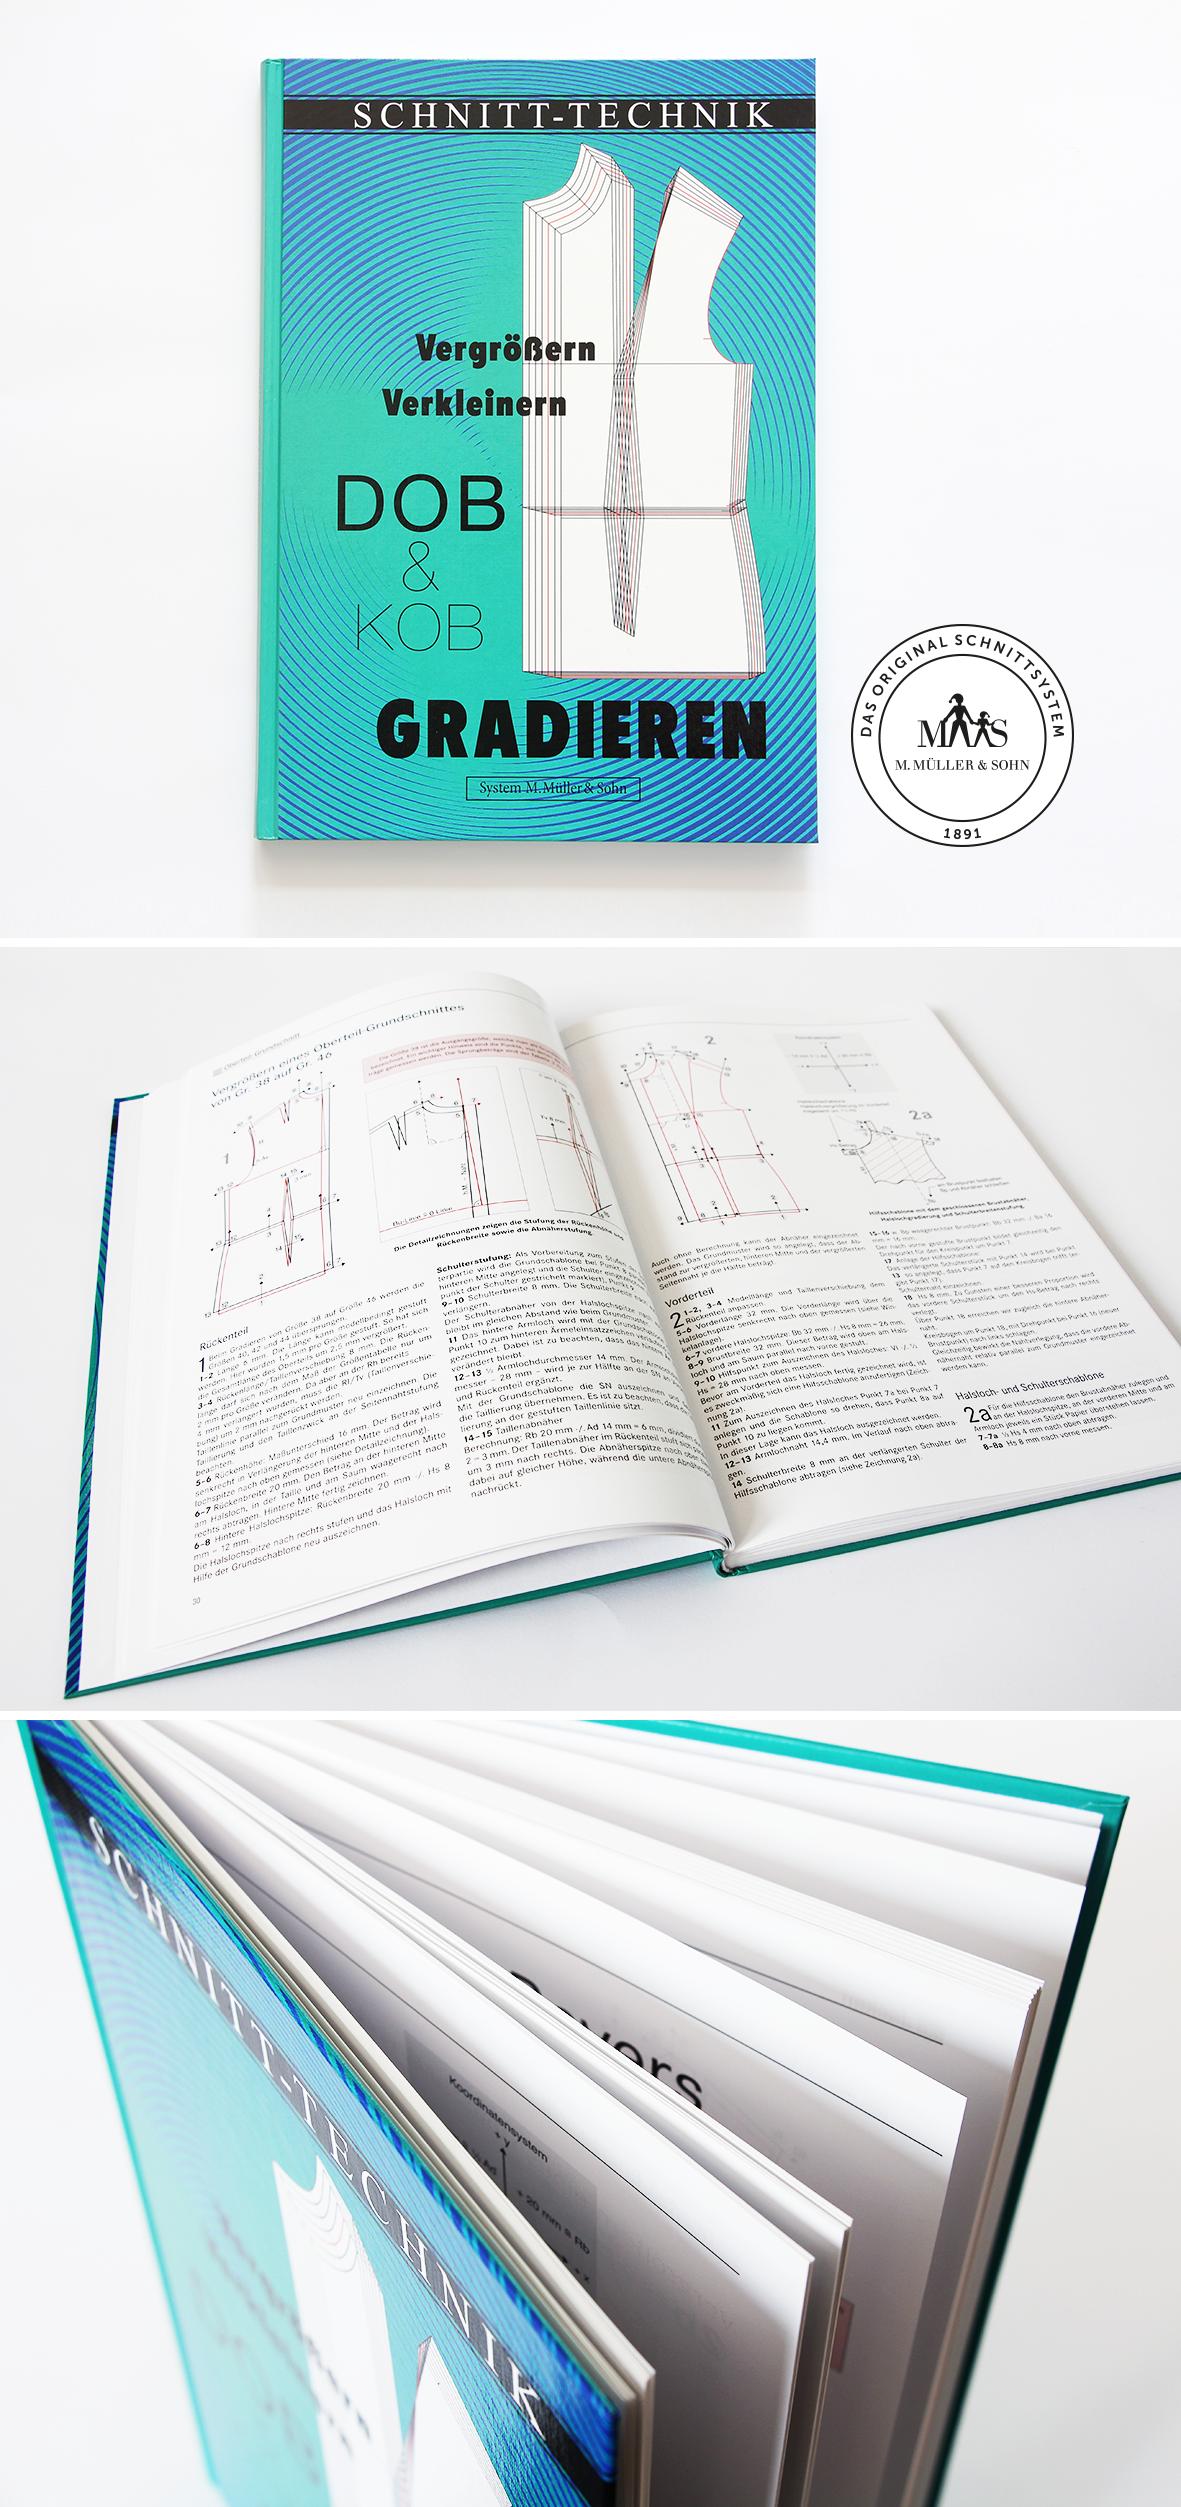 DOB Gradieren Fachbuch für Modedesigner